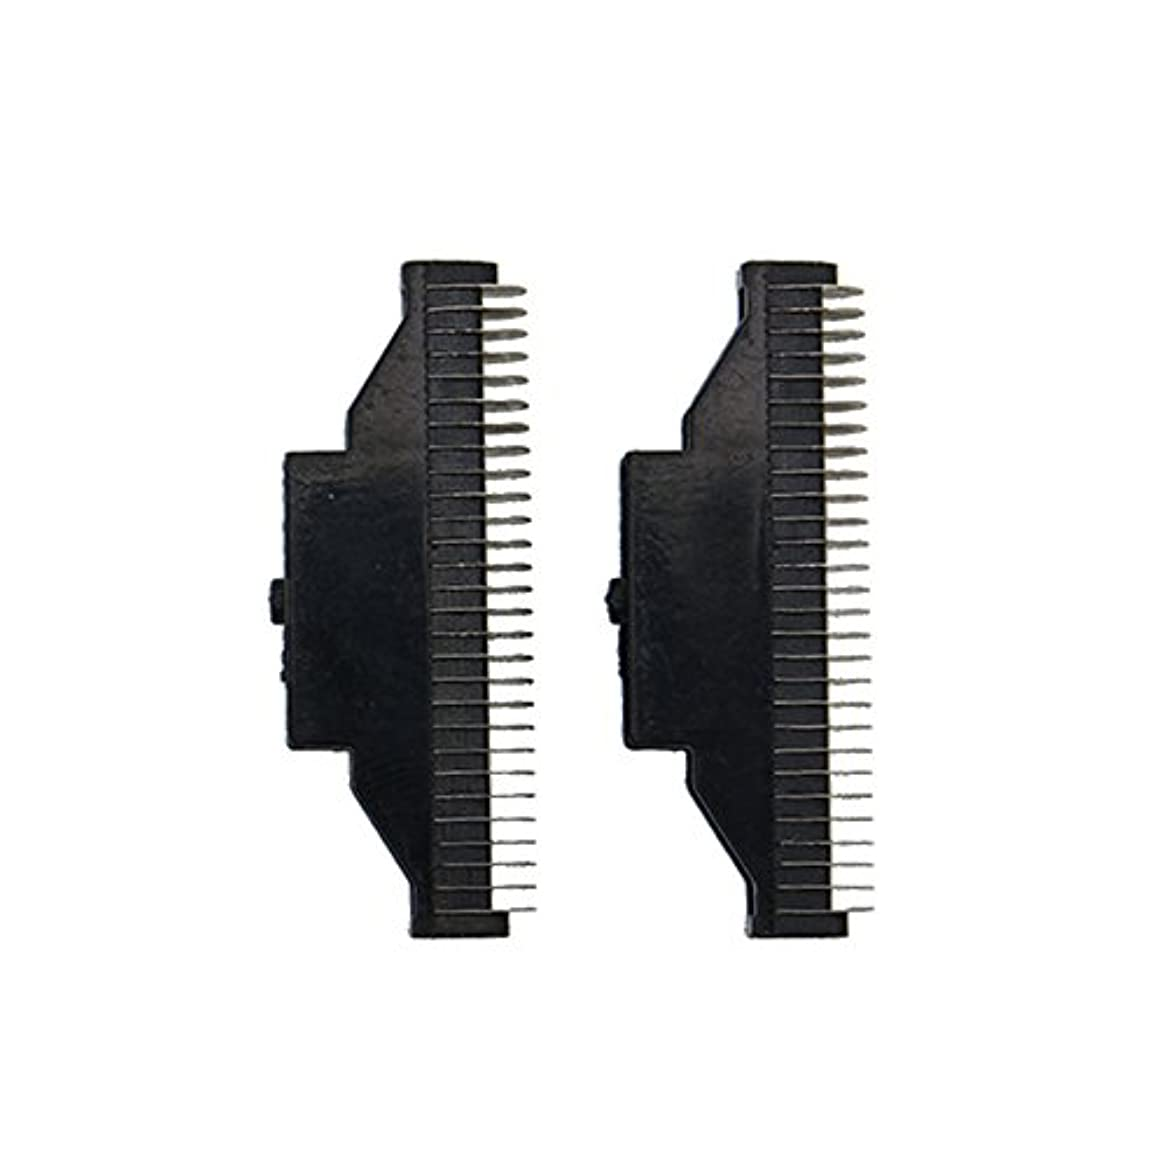 同化する知り合いになる万歳WyFun Compatible for パナソニックES9852 ES-RW30用交換カッターES4000 ES4001 ES4027 ES726 ES727